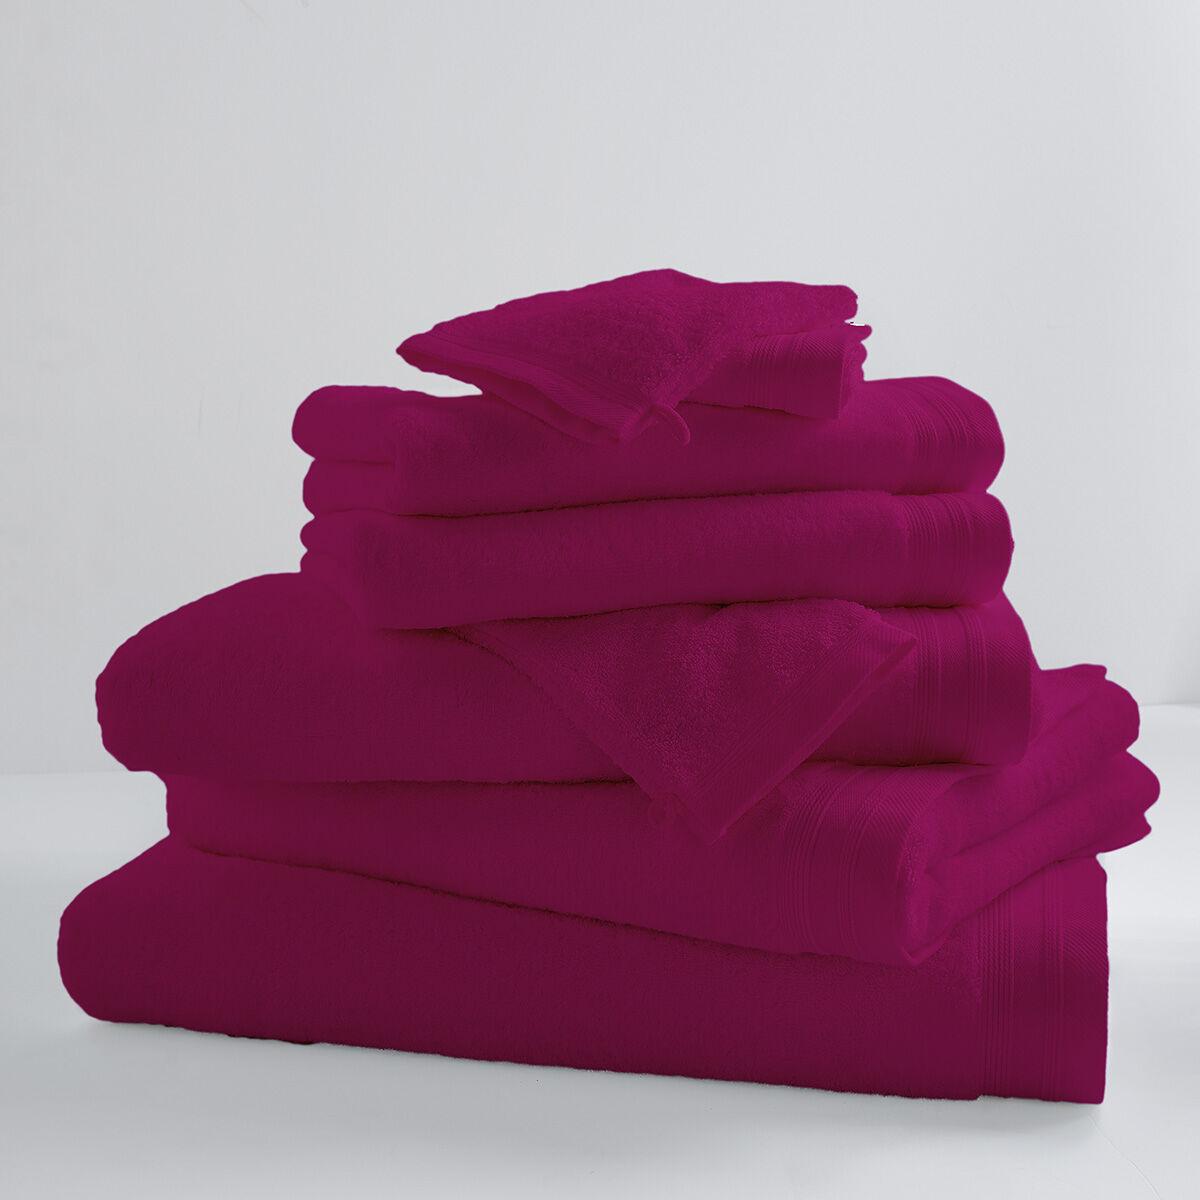 Home Bain Drap de bain uni et coloré coton sorbet 150x100